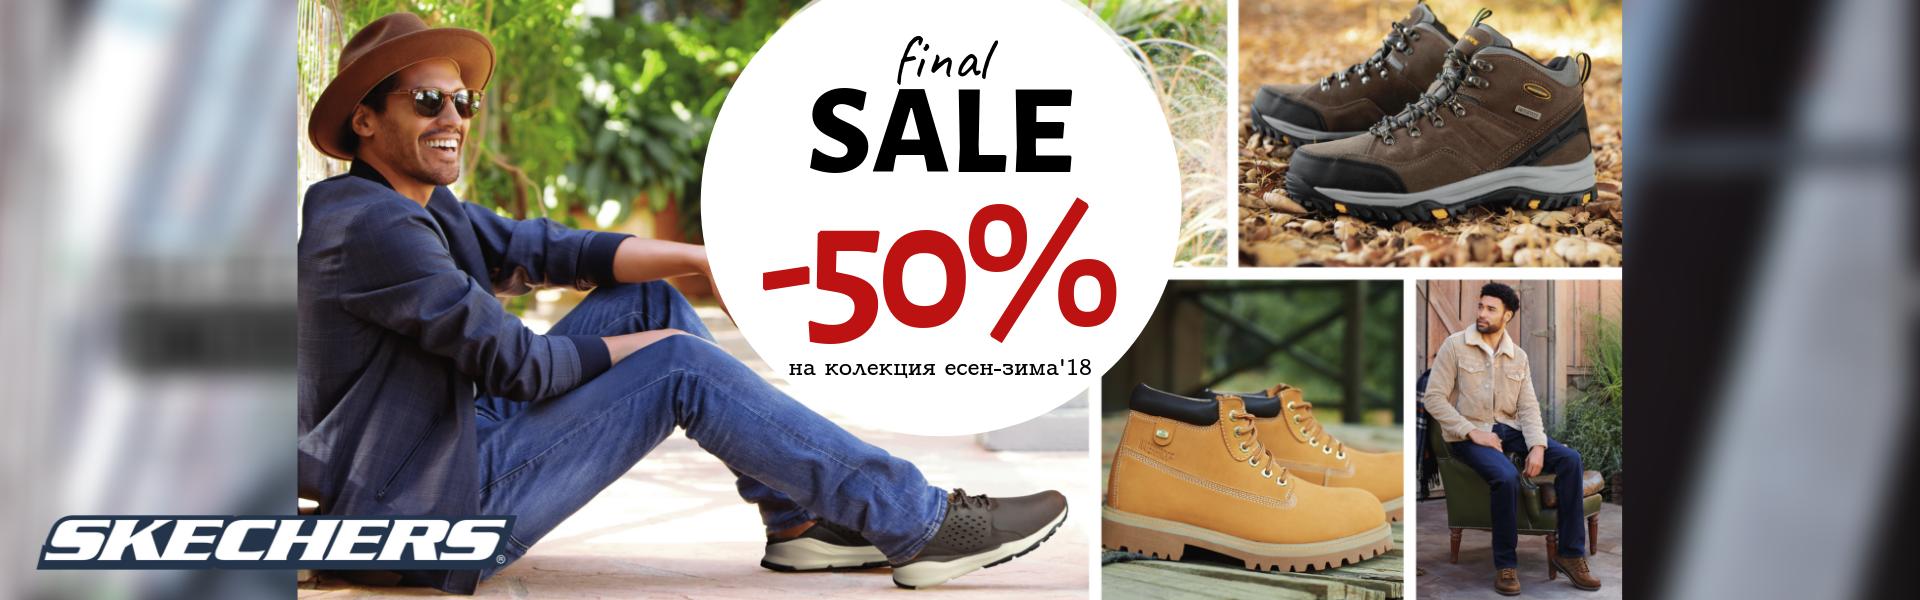 skechers_50%_sale